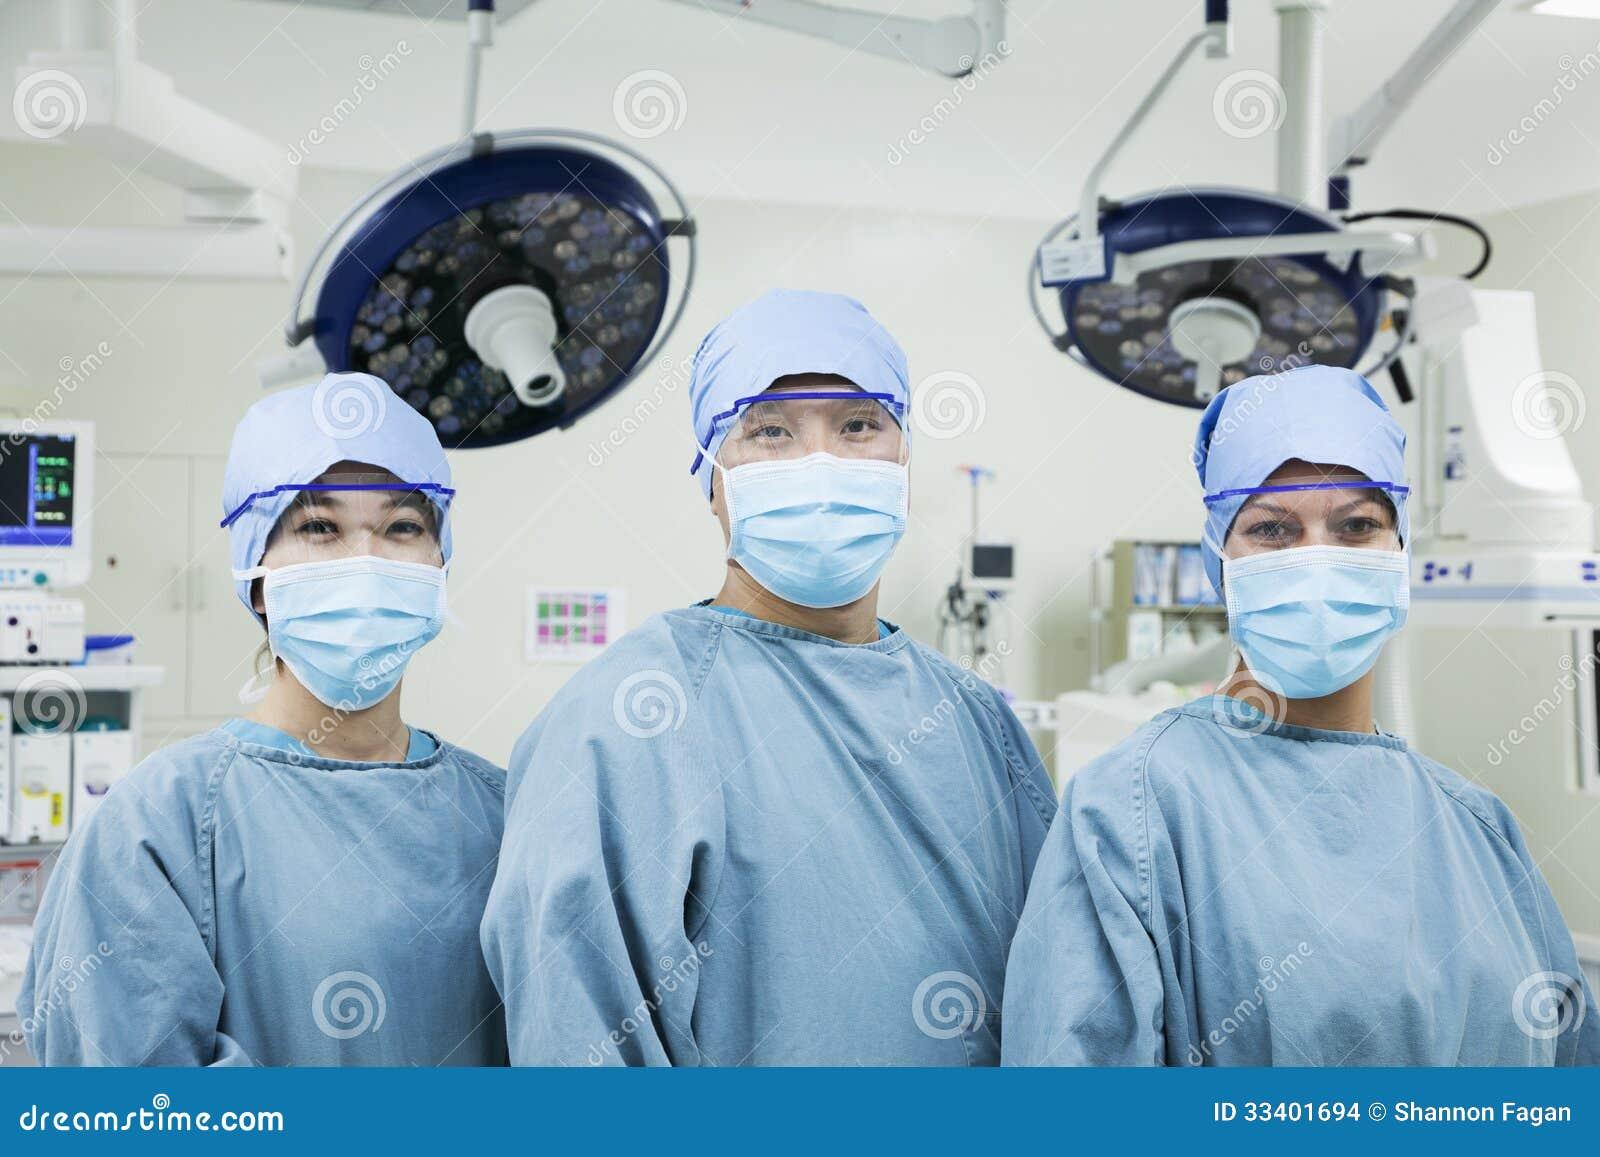 Retrato de três cirurgiões em seguido que vestem máscaras cirúrgicas na sala de operações, olhando a câmera